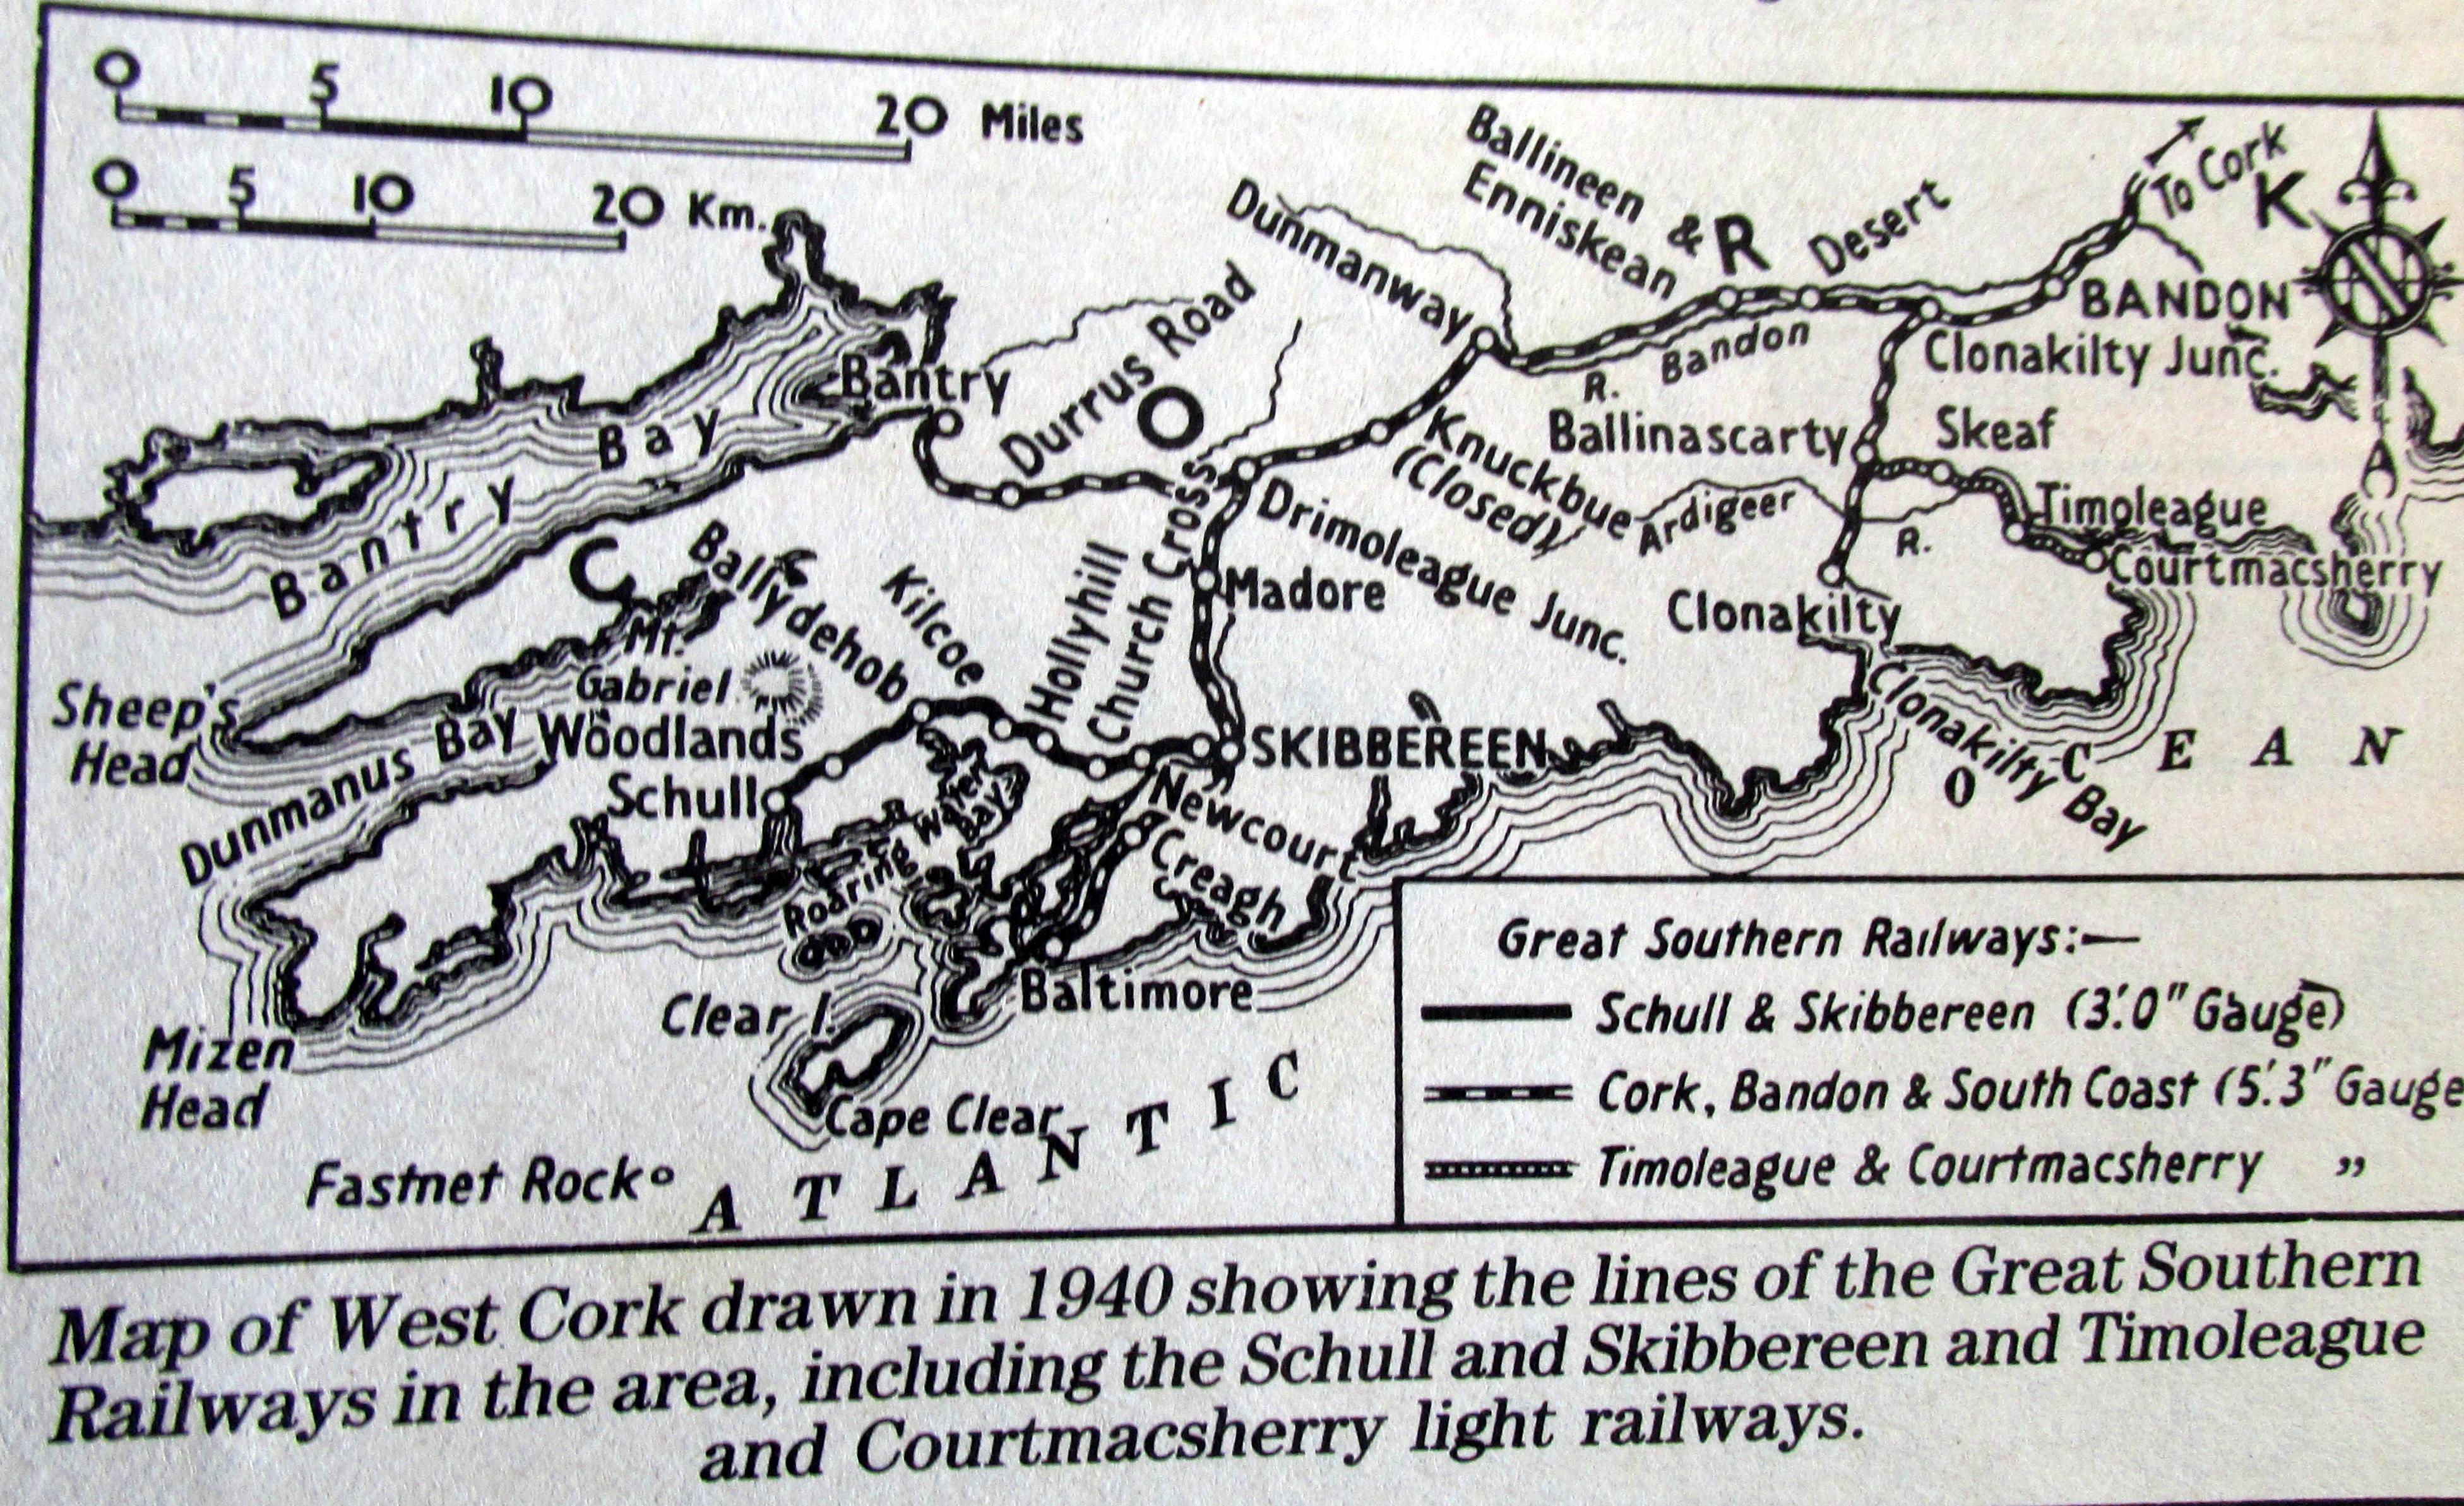 Skibbereen Ireland Map.West Cork Railway Map 1940 Comic Postcard Schull Skibbereen Tramway